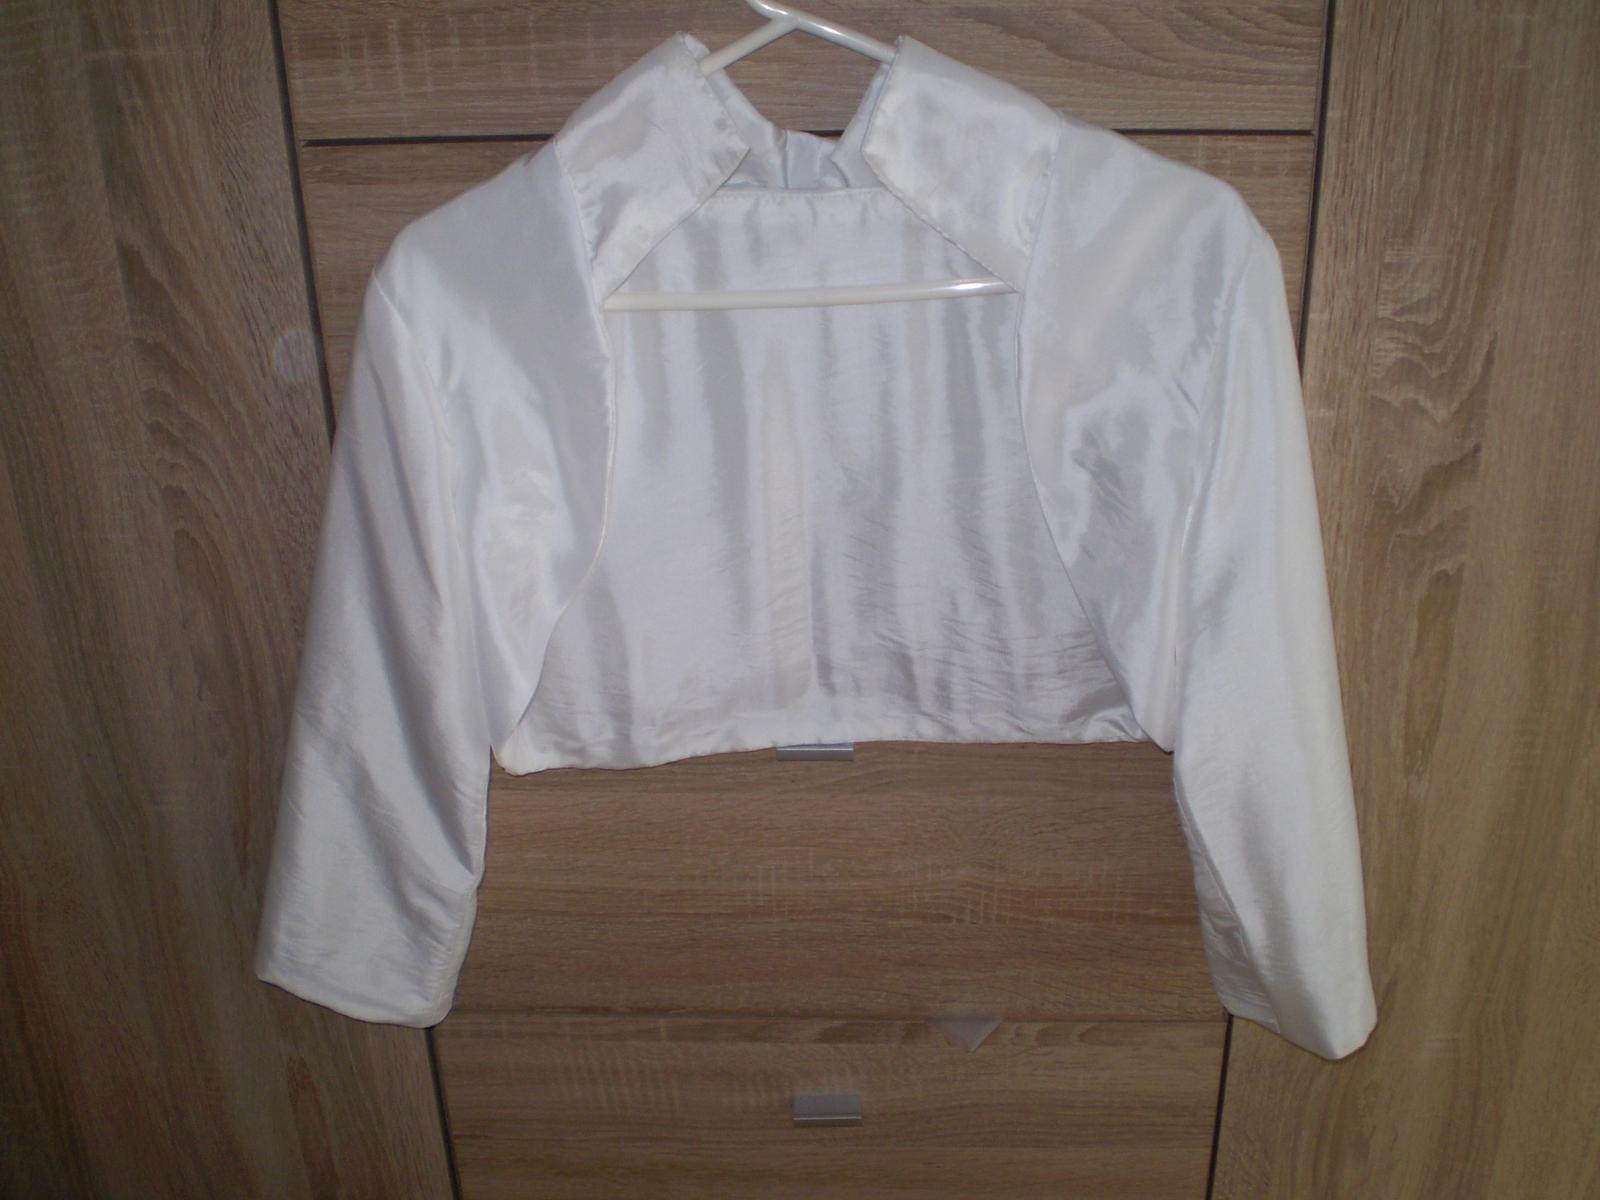 Romantické svadobné šaty s bolerkom - Obrázok č. 4